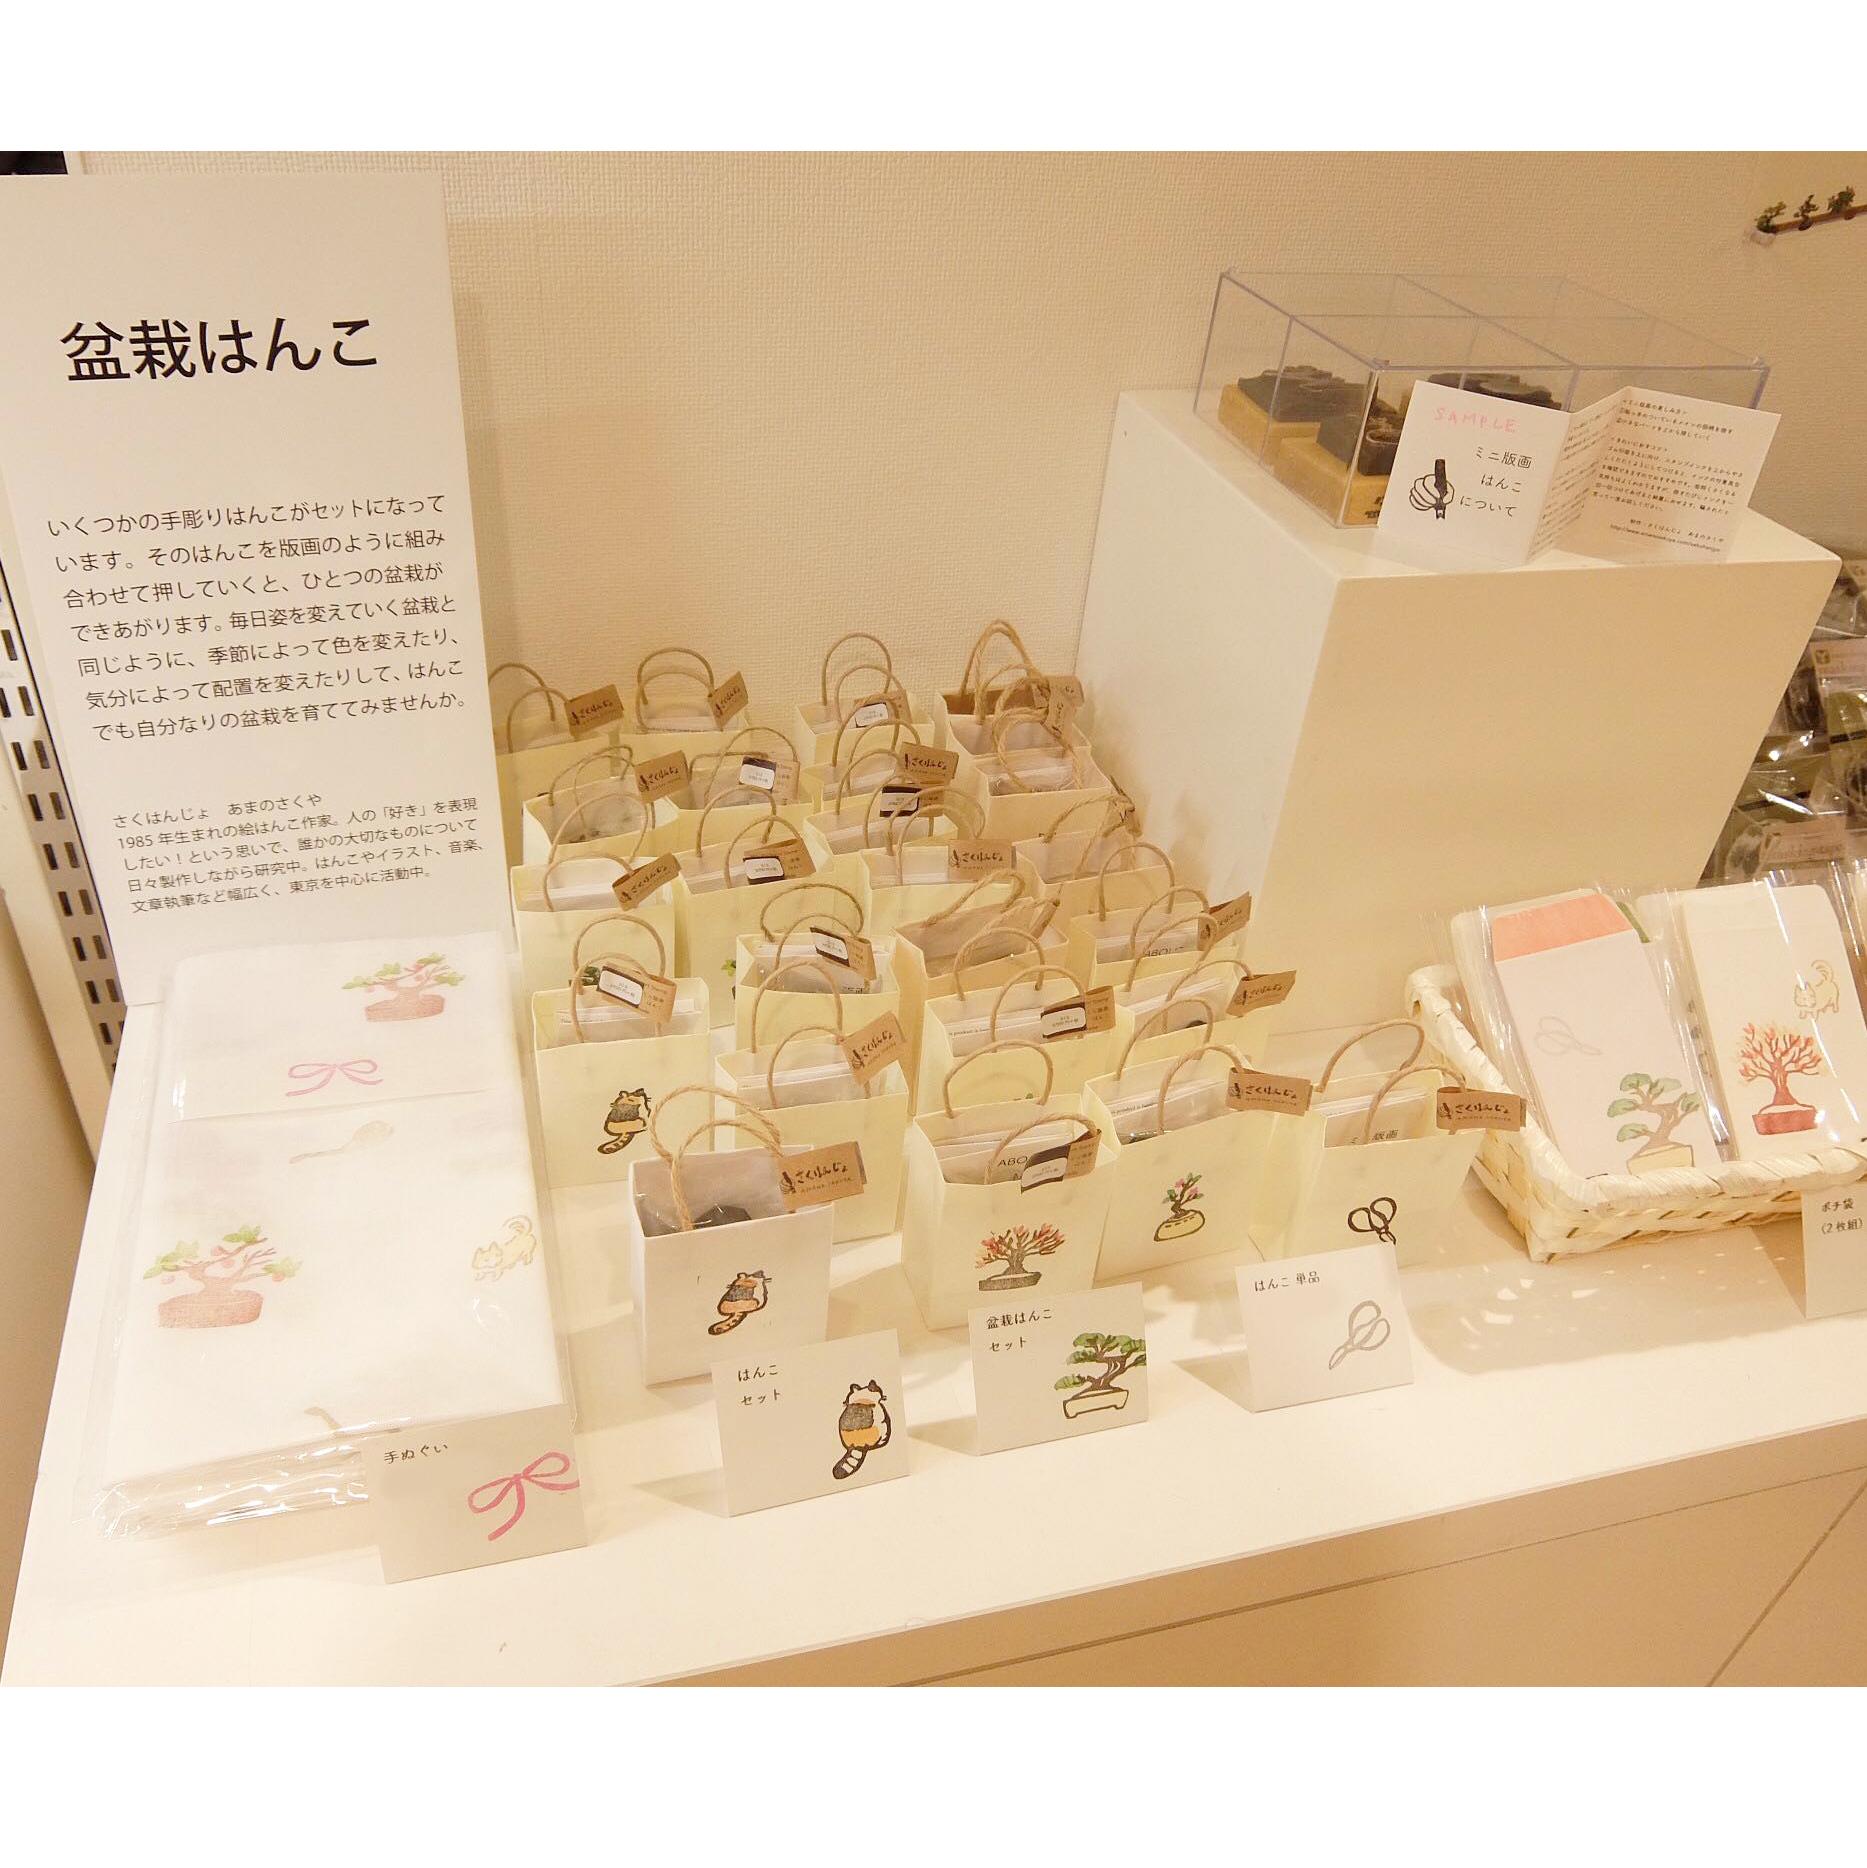 阪急百貨店 うめだ本店「#盆栽」無事終了しました。